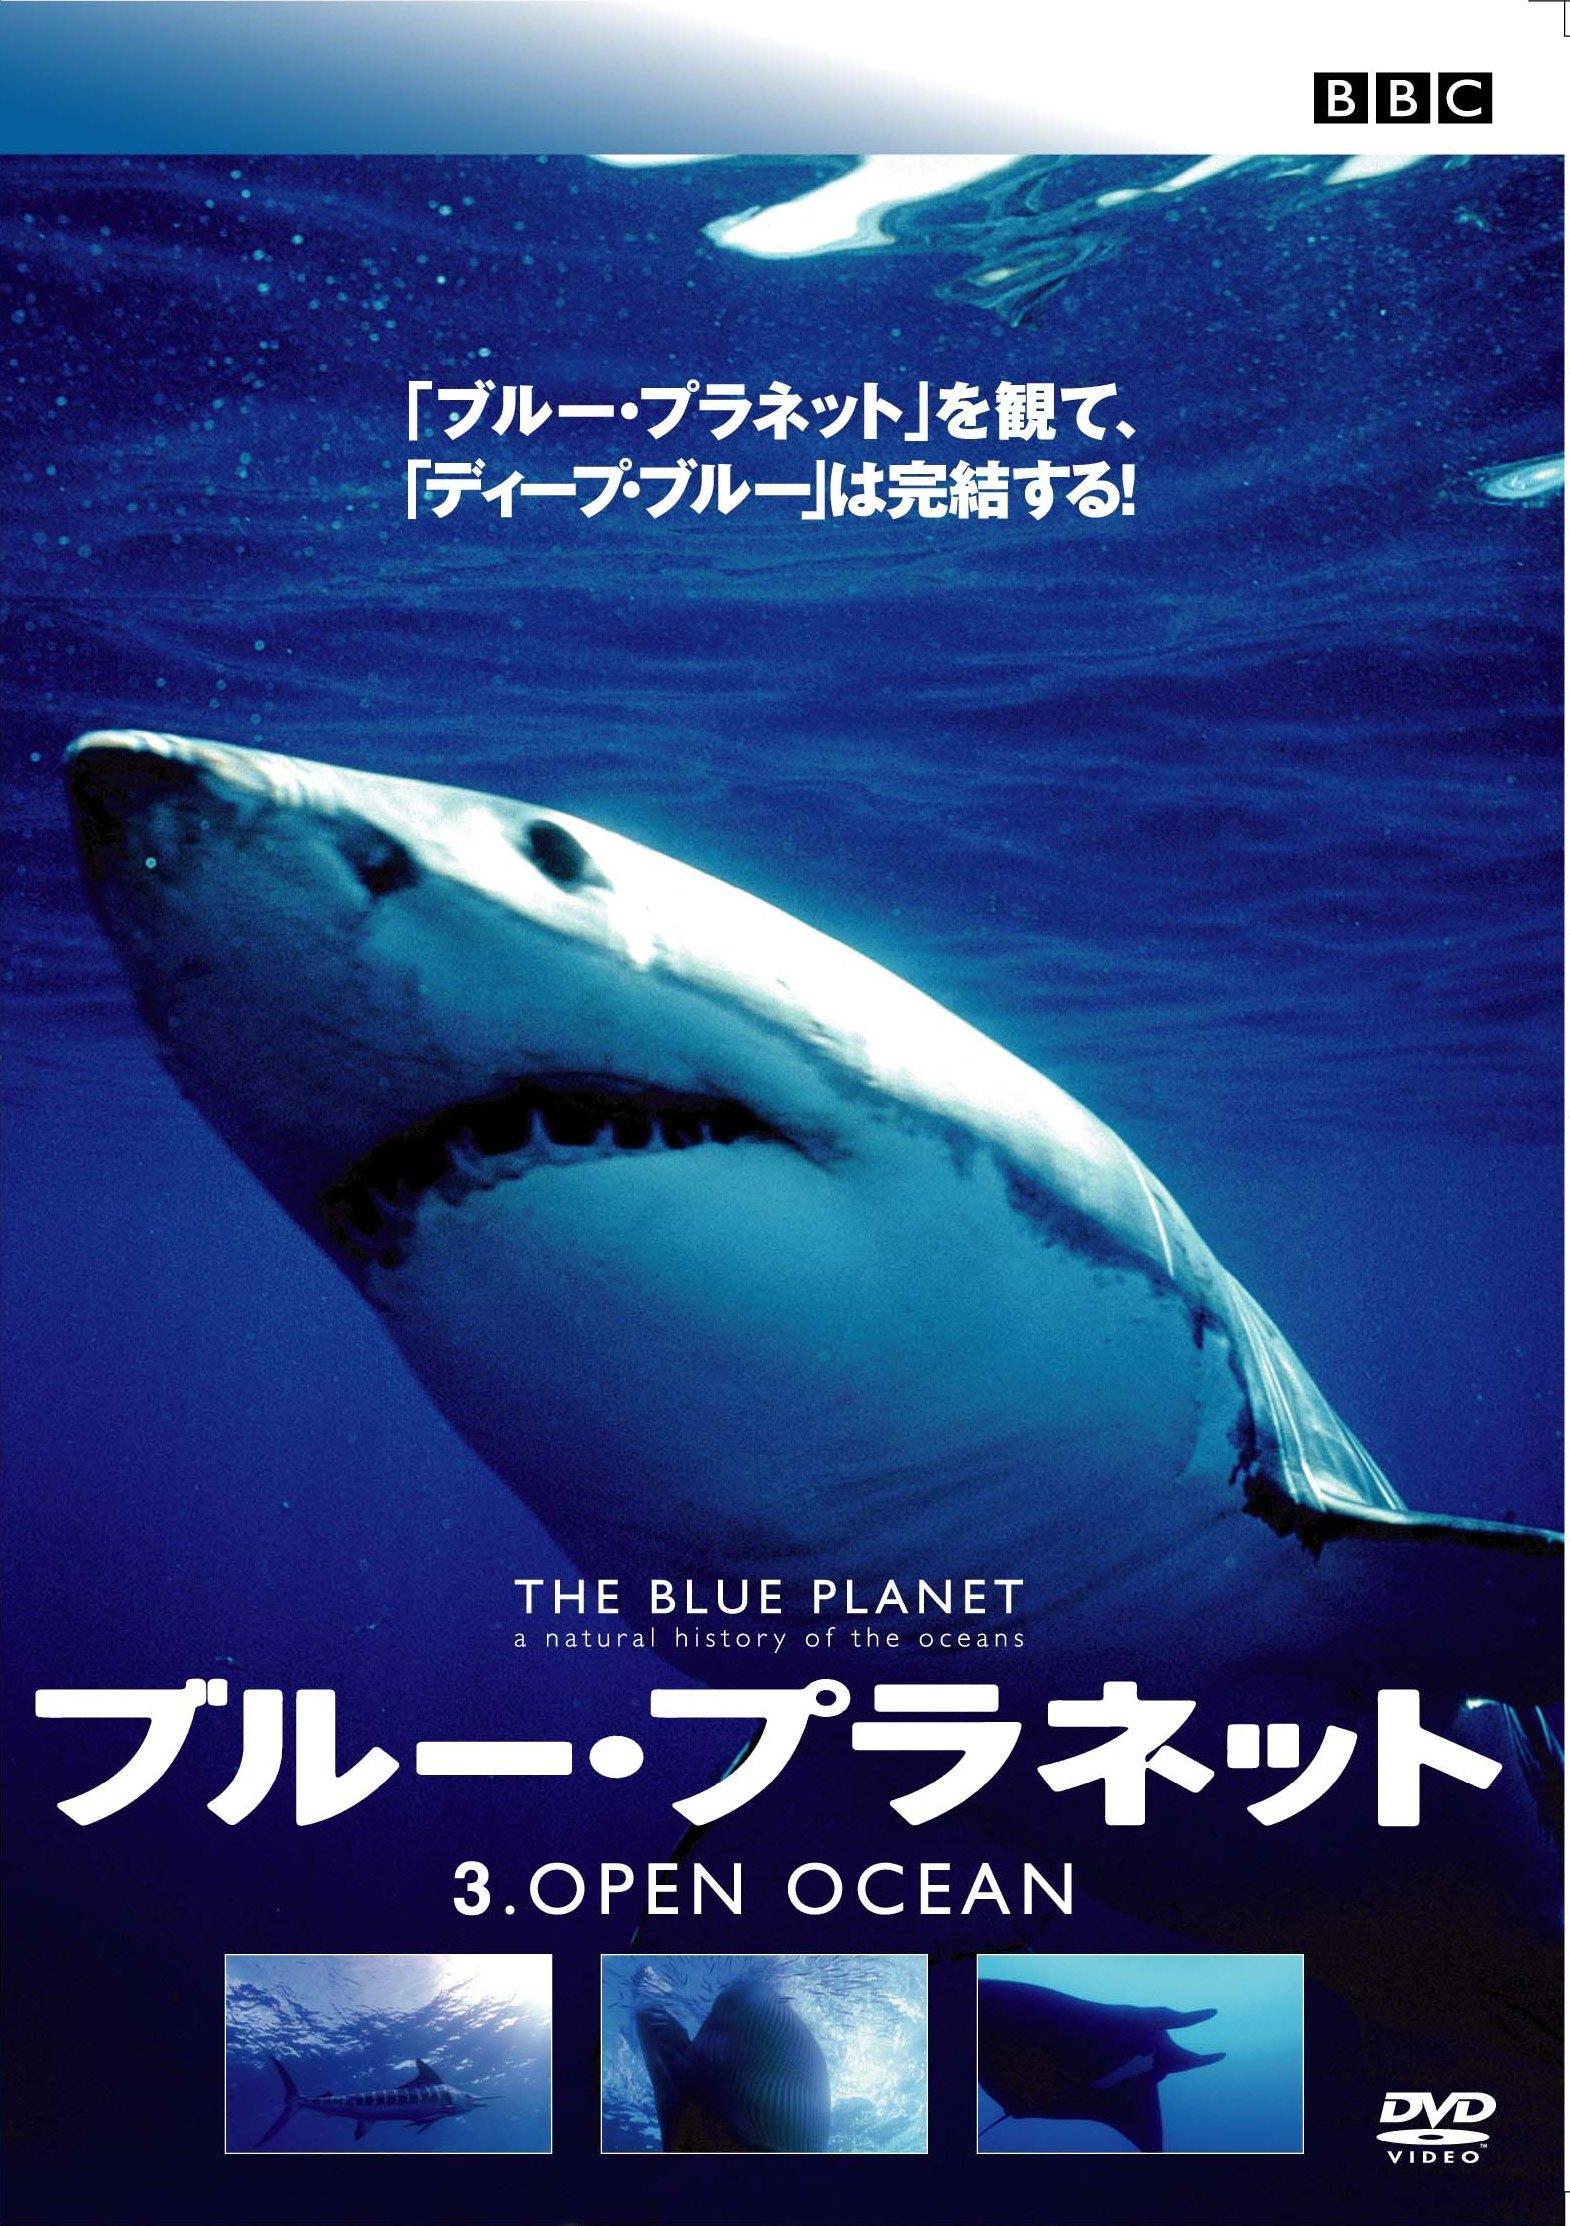 ブルー・プラネット 3 OPEN OCEAN のサムネイル画像